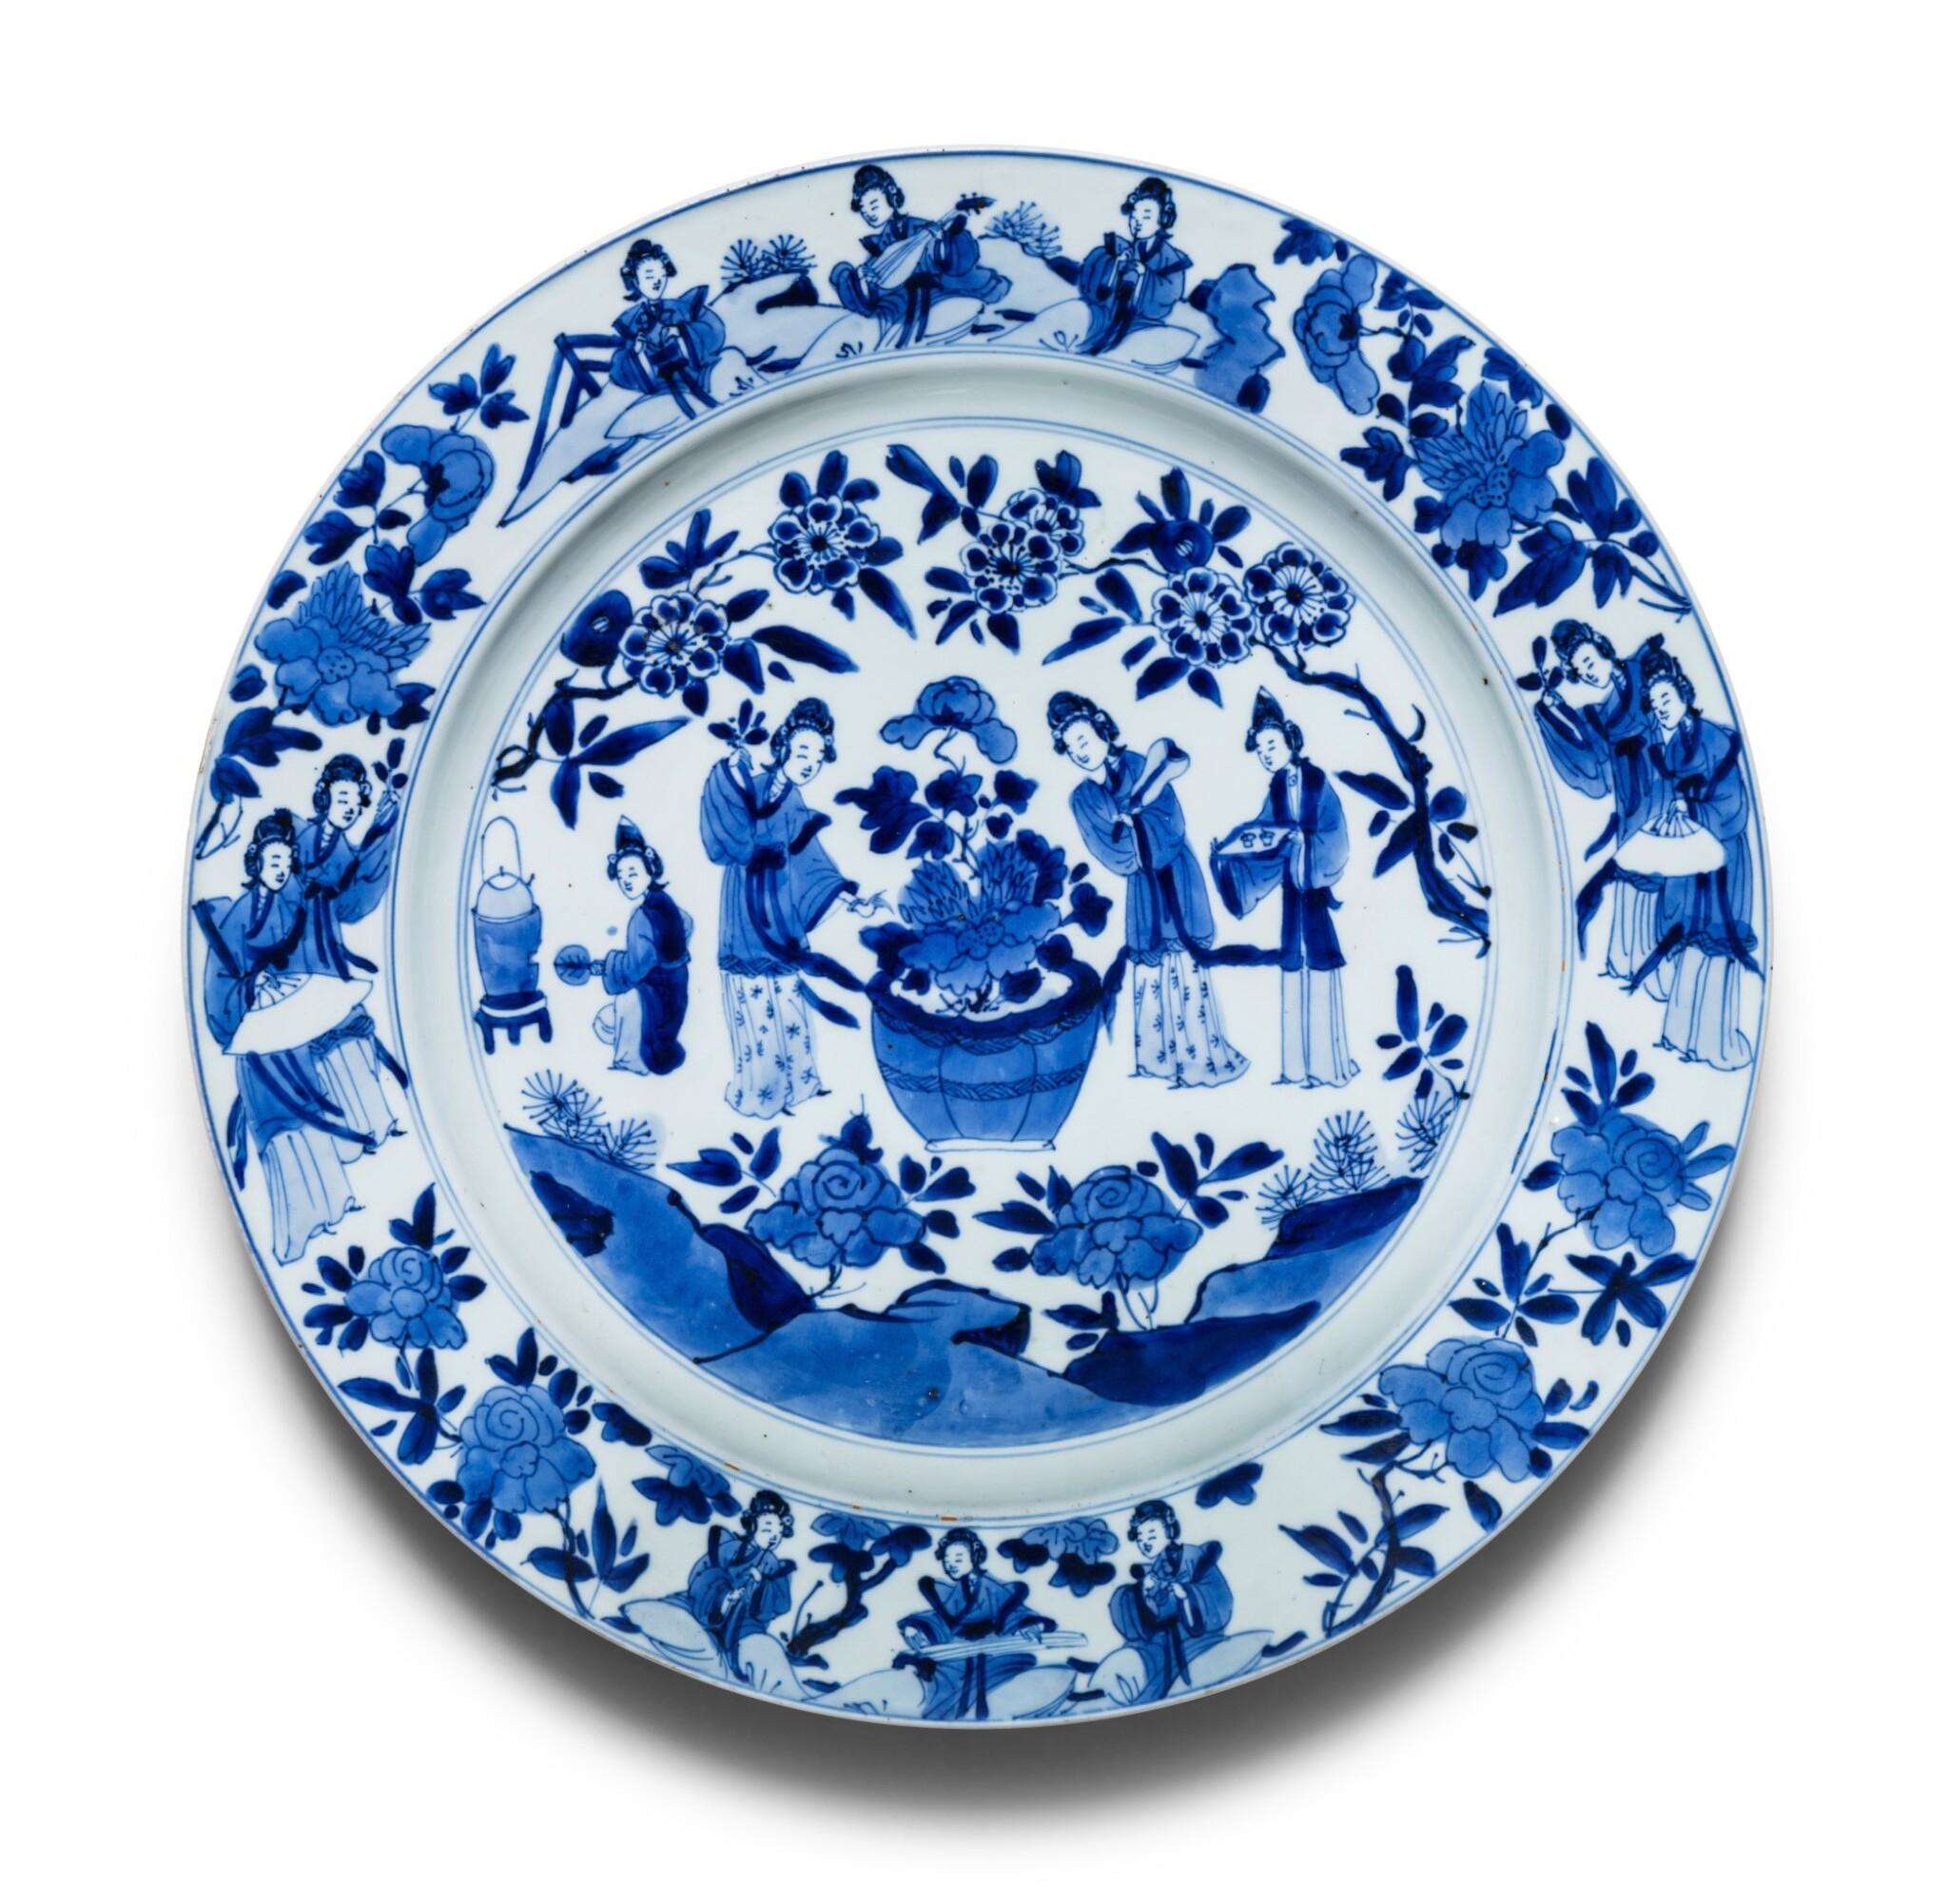 View 1 of Lot 21. Grande plat en porcelaine bleu blanc Dynastie Qing, époque Kangxi   清康熙 青花仕女賞荷圖折沿盤  《大明成化年製》仿款   A large blue and white 'Literati' dish, Qing Dynasty, Kangxi period.